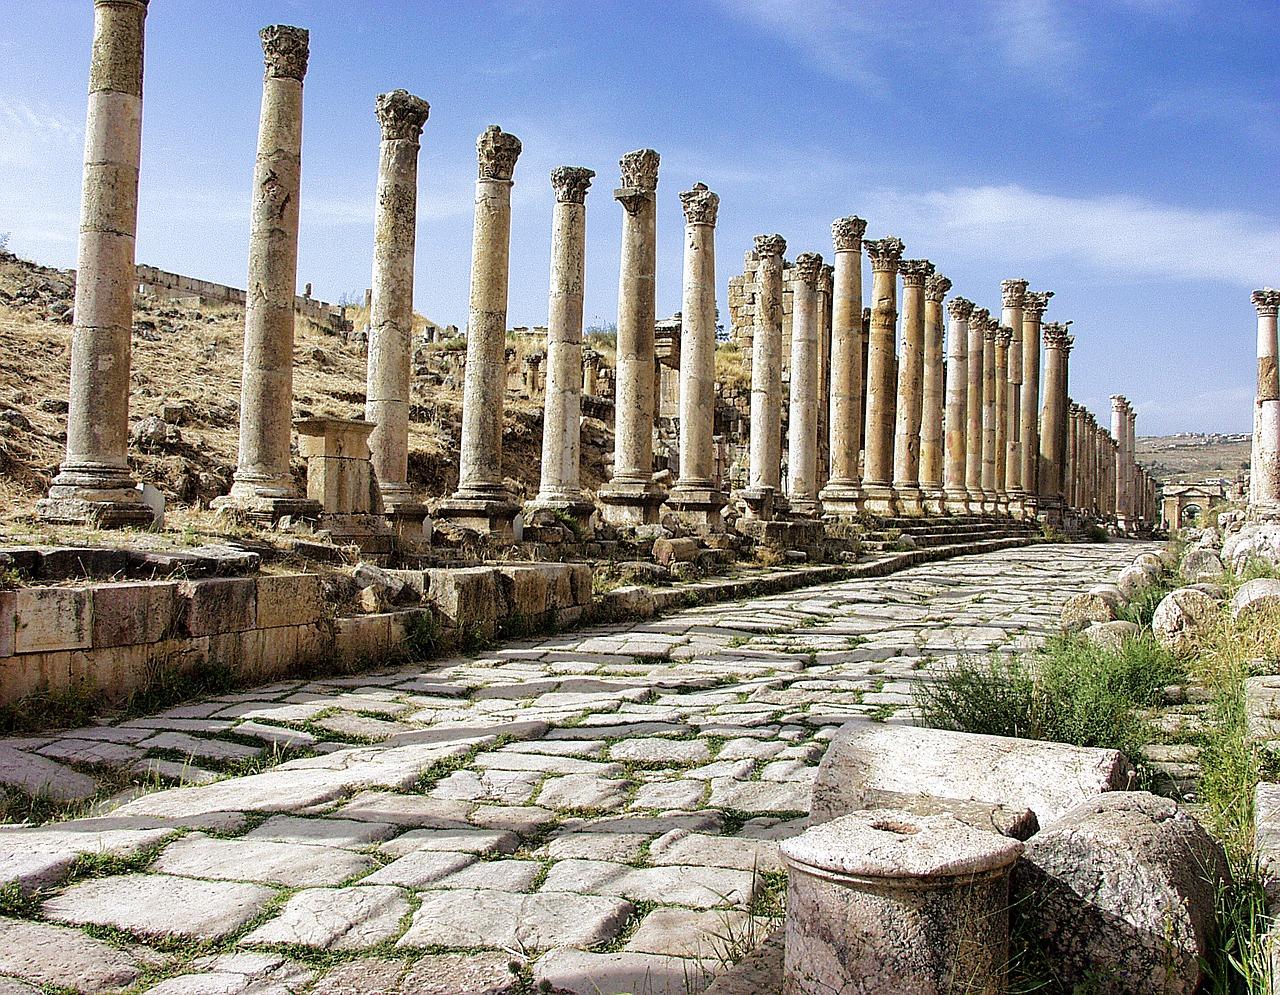 Jerash, the Roman ruin city of Jordan.